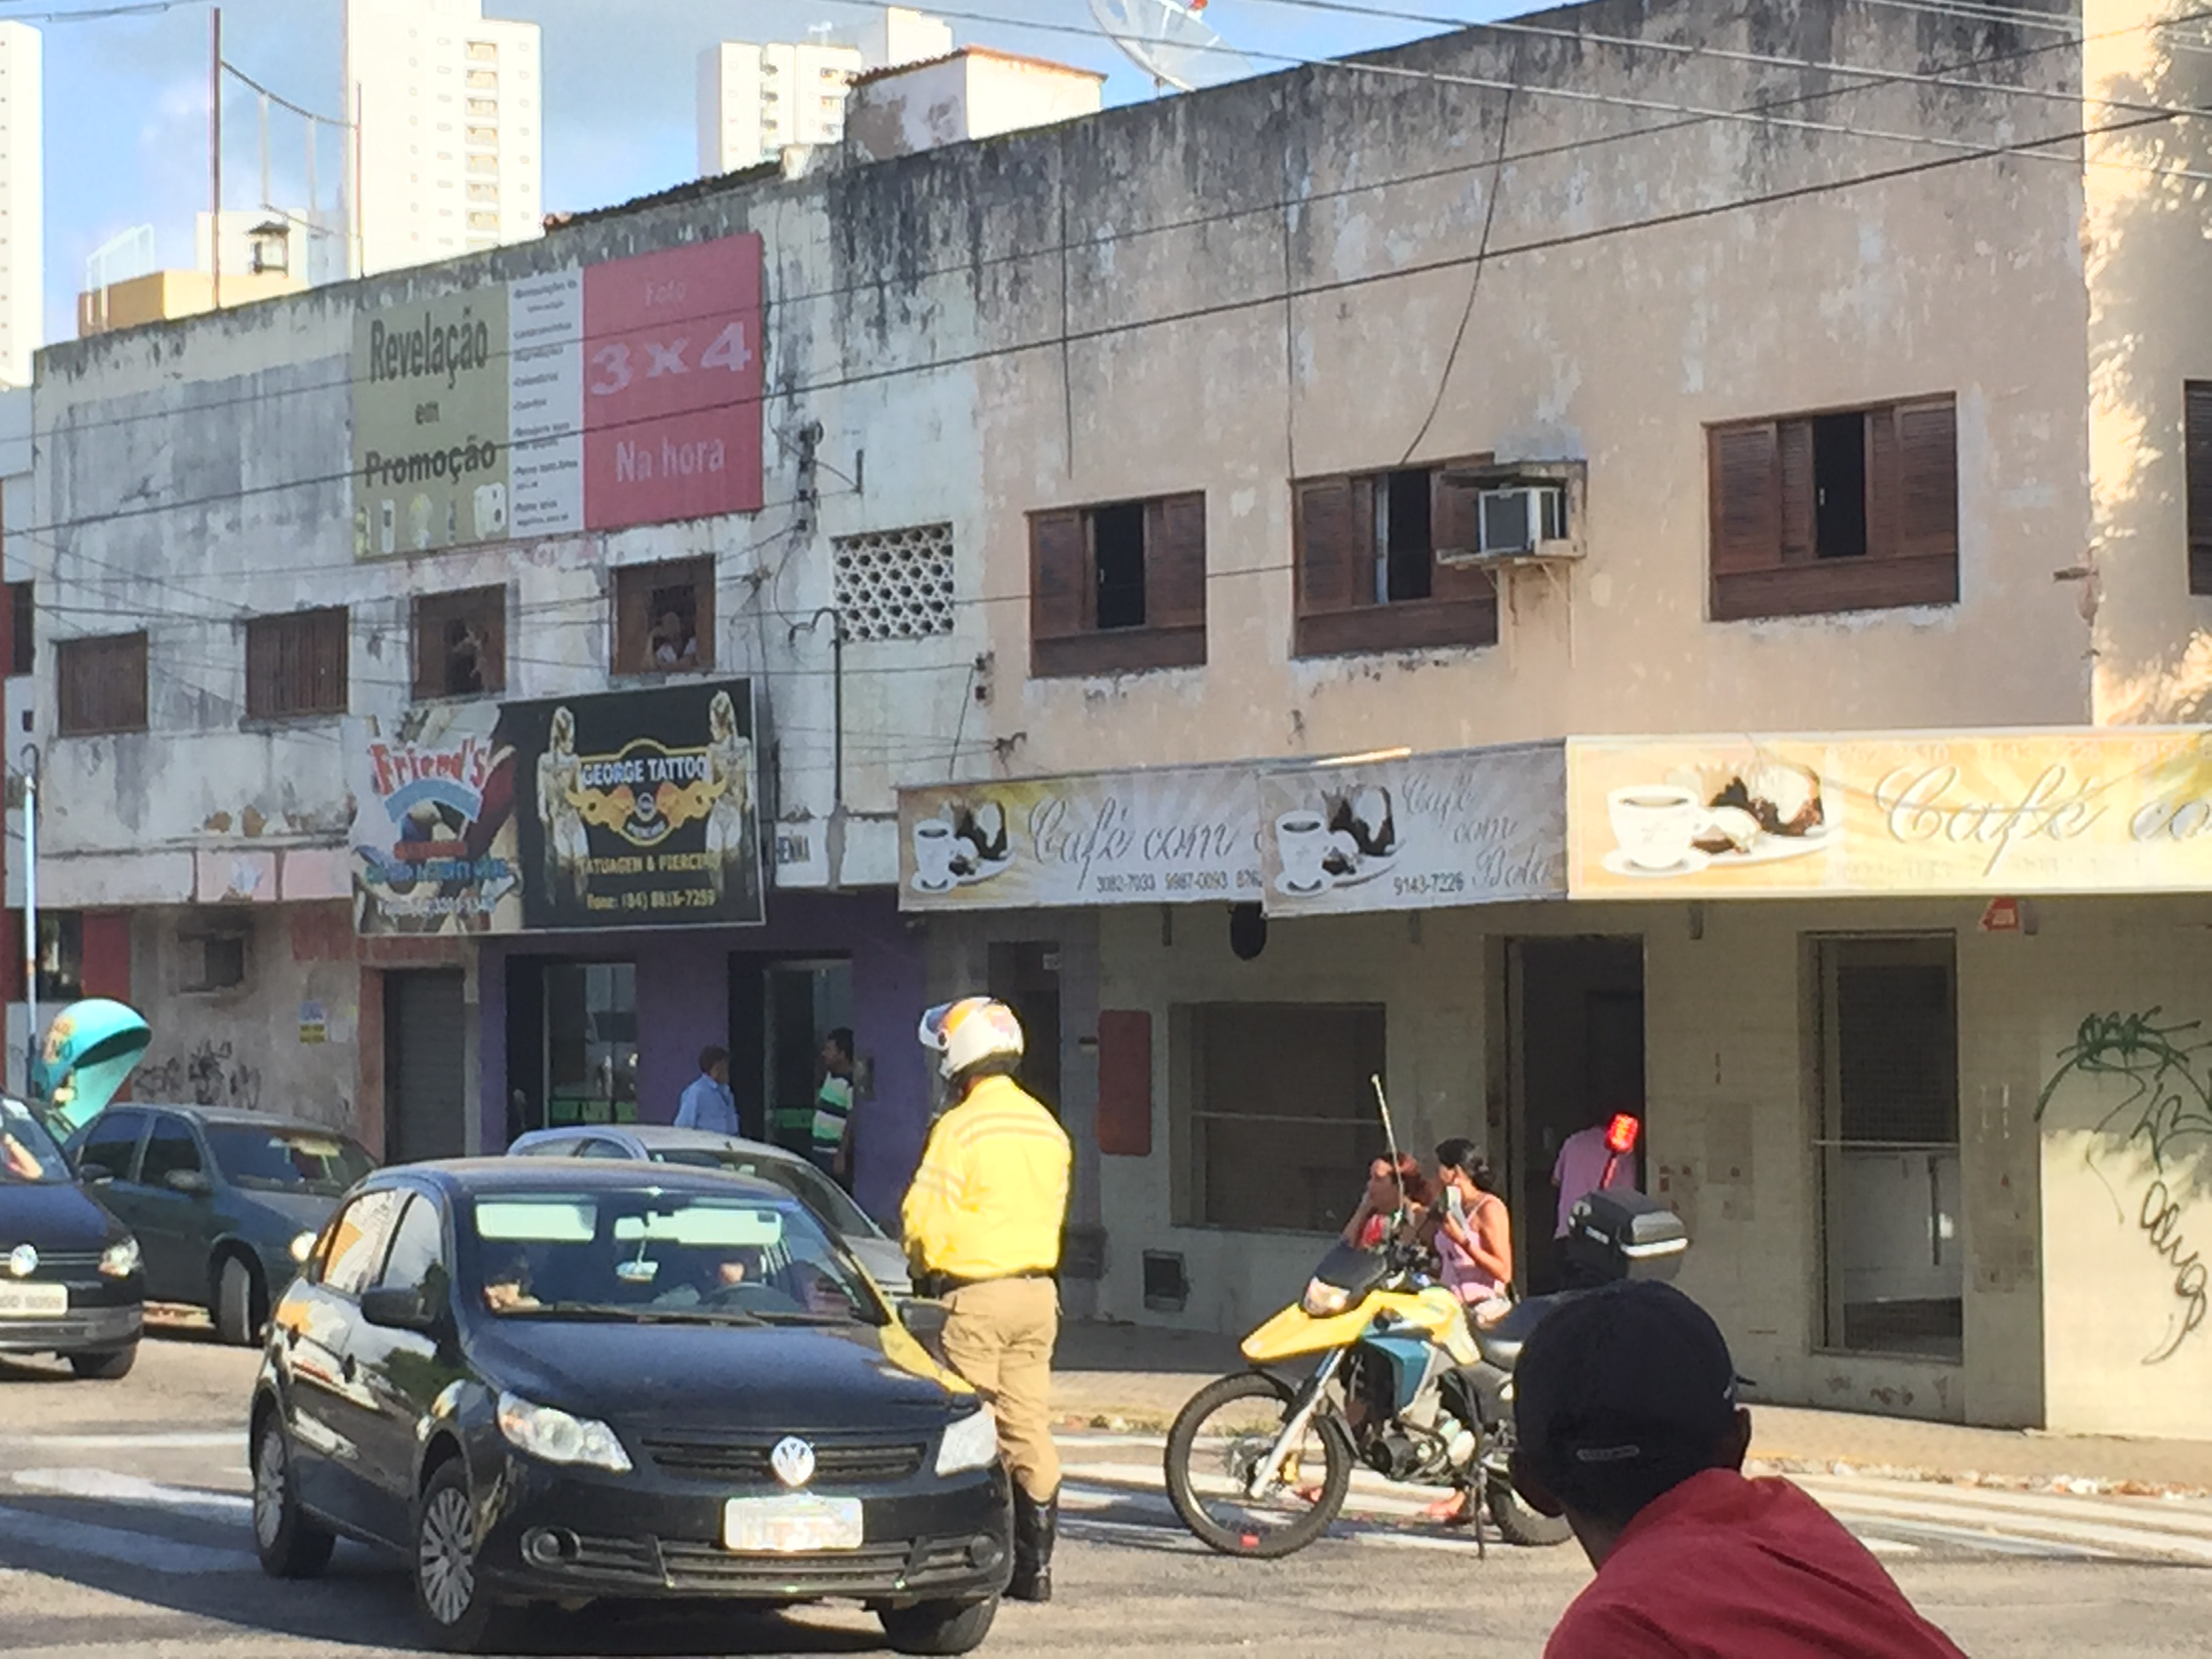 Cotidiano da Avenida Rio Branco através de fotografias